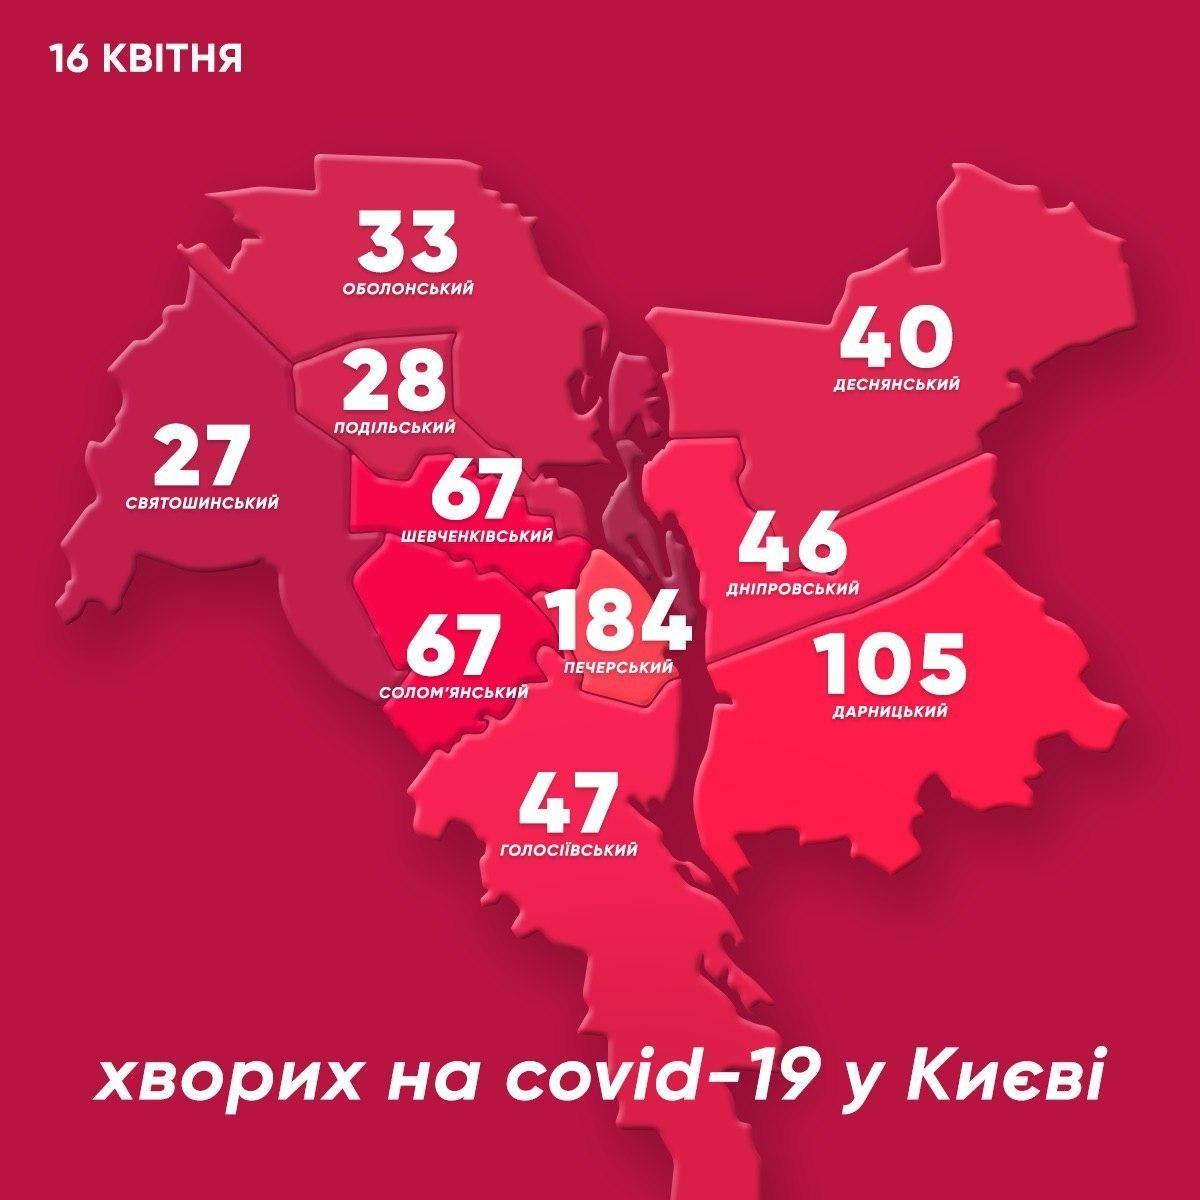 Коронавіурс у Києві. Мапа районів столиці станом на 16 квітня